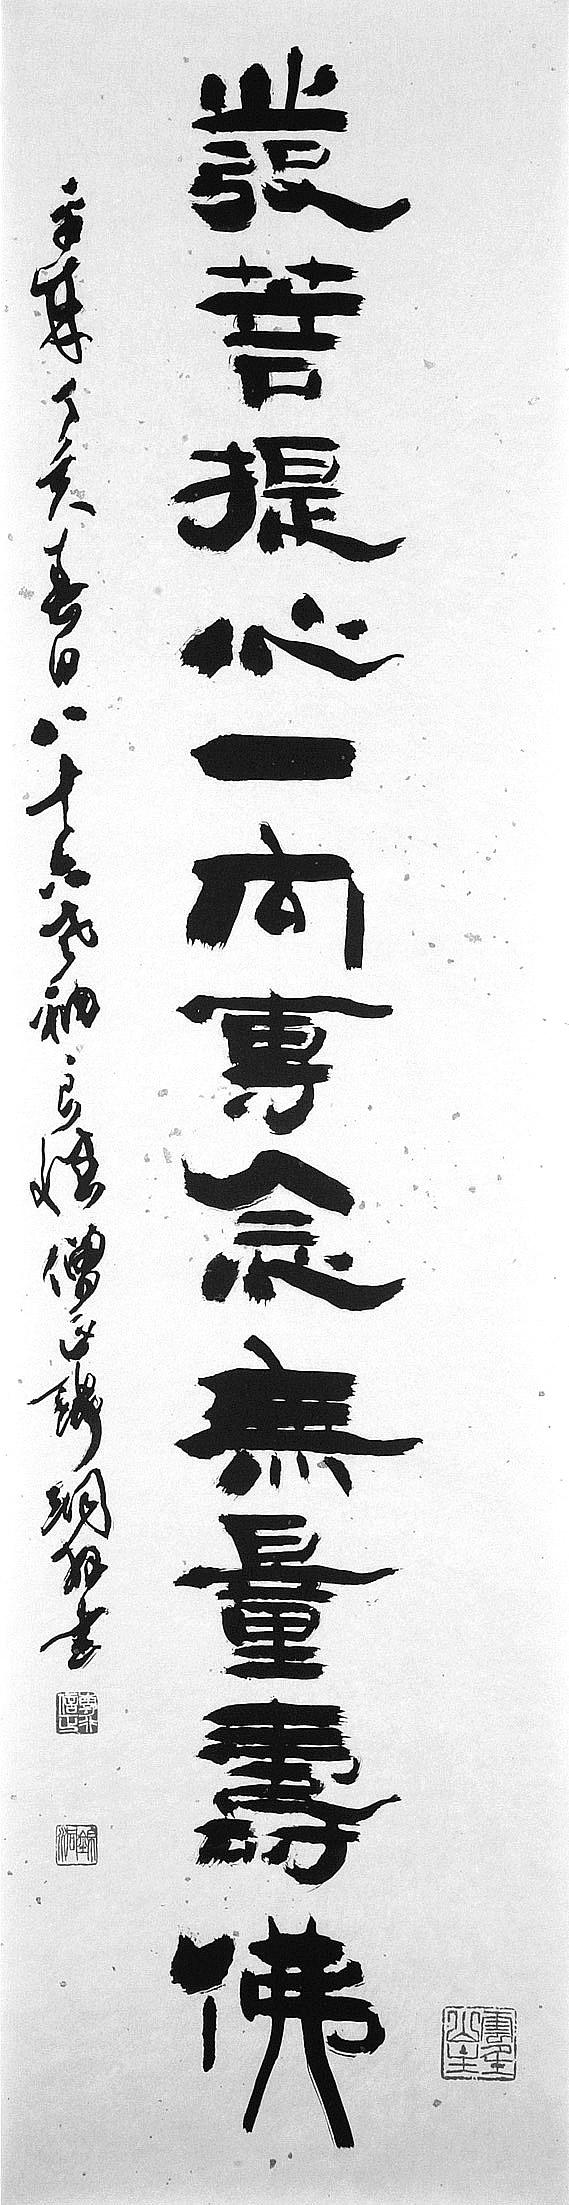 林 錦洞 發菩提心一向専念無量壽佛